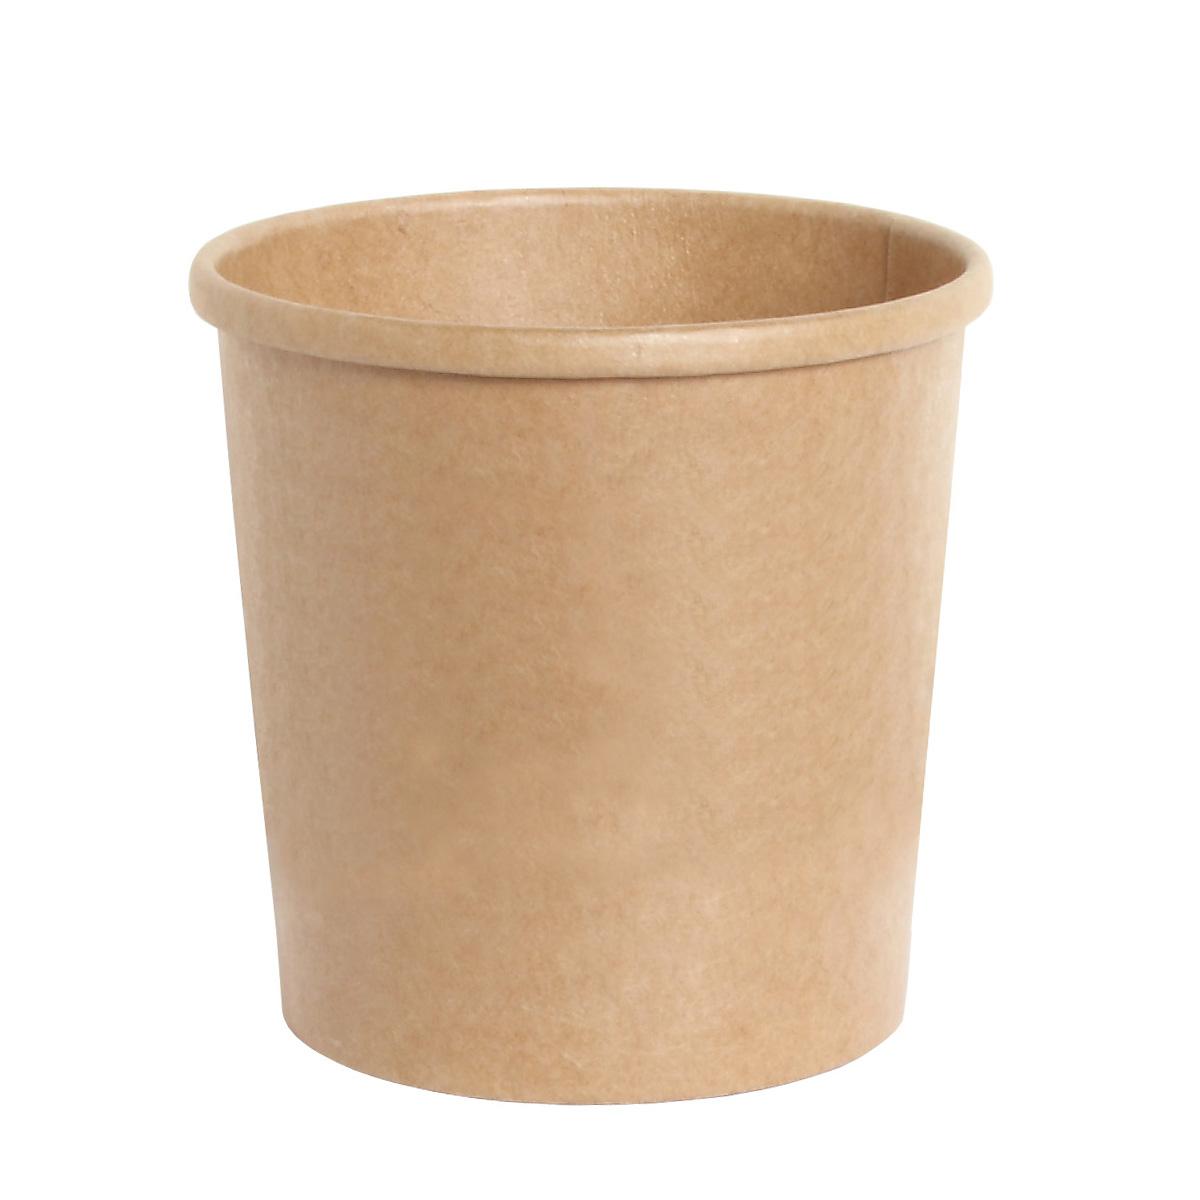 容量:380ml フードカップ 使い捨て 美品 おしゃれな茶色の容器です UBP キャンペーンもお見逃しなく 未晒カップ 380ml 12oz 50個 スープカップ